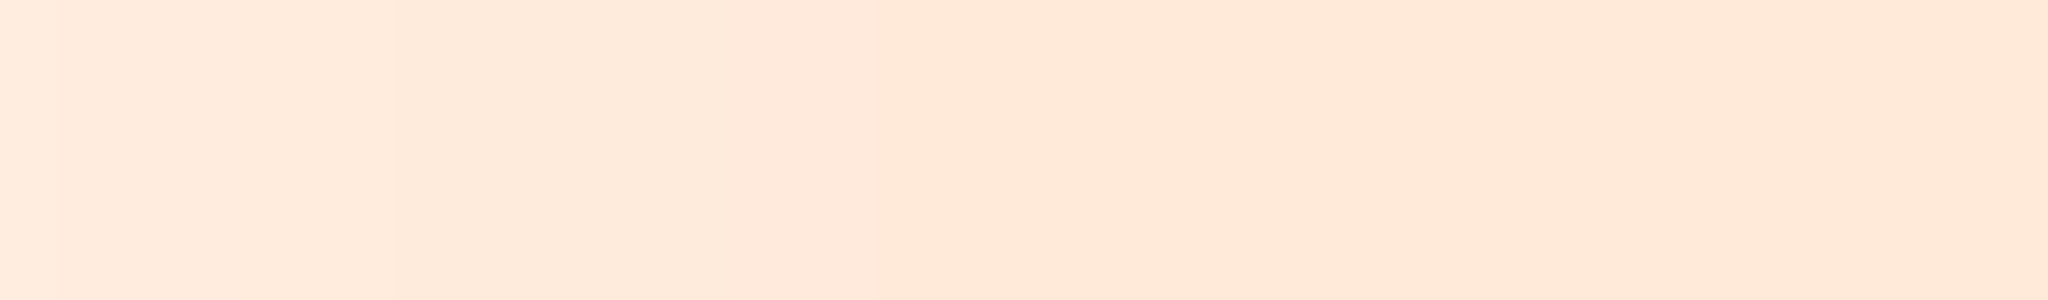 HU 13240 кромка ABS розовая гладкая 100